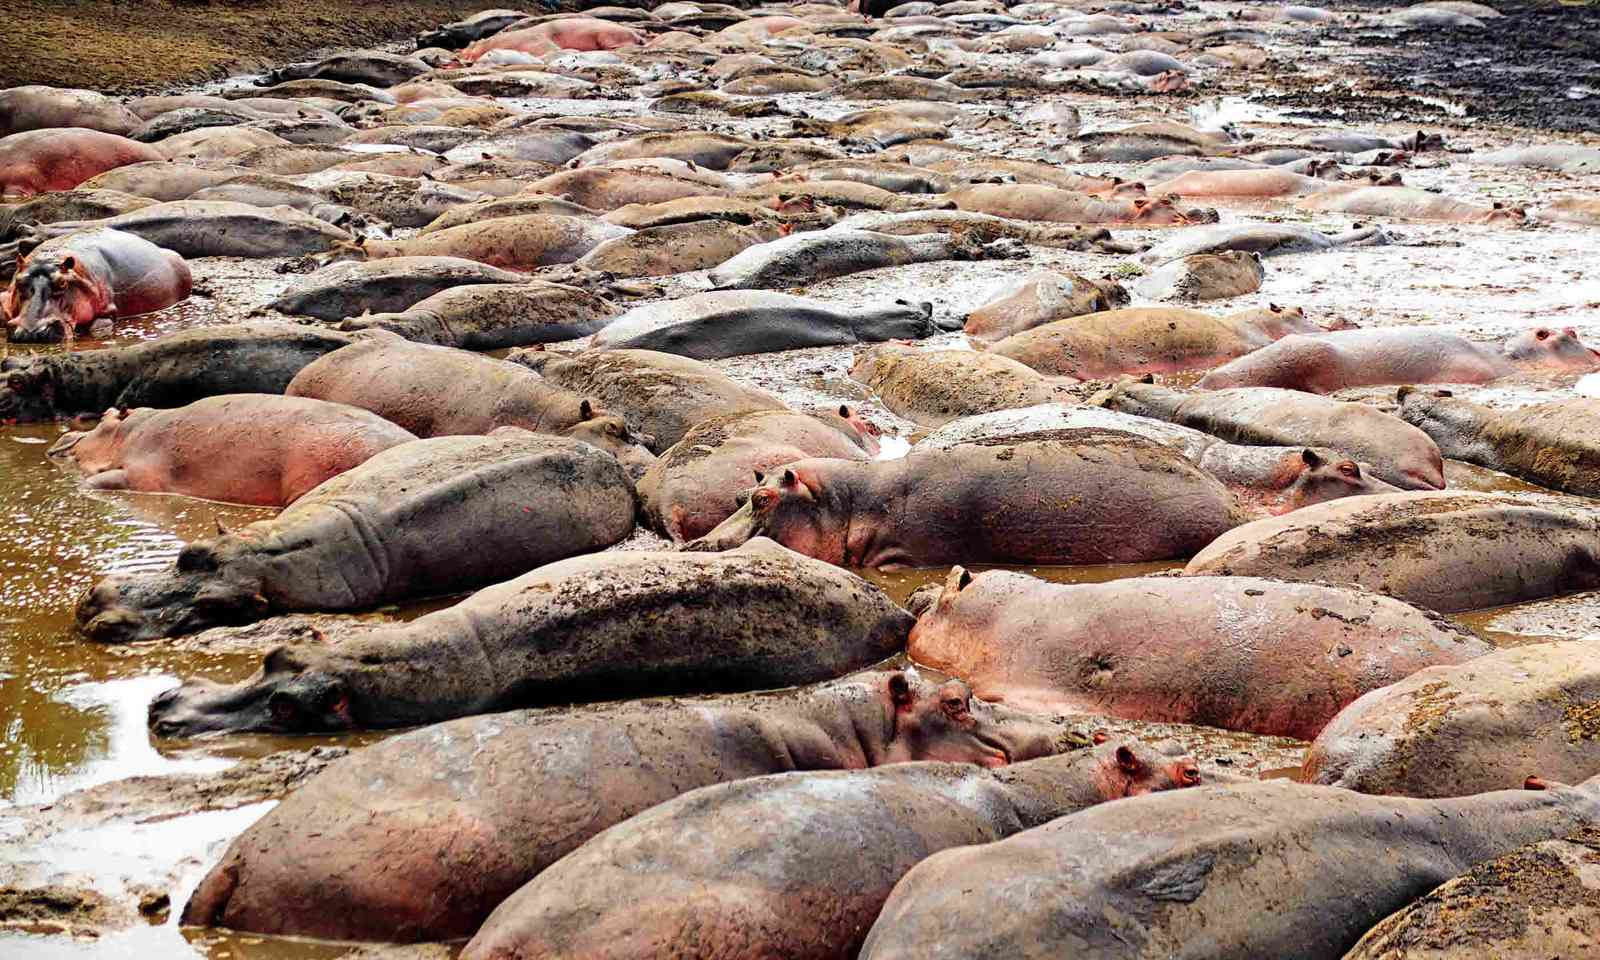 Hippos at the Katuma River (Sarah Gilbert)